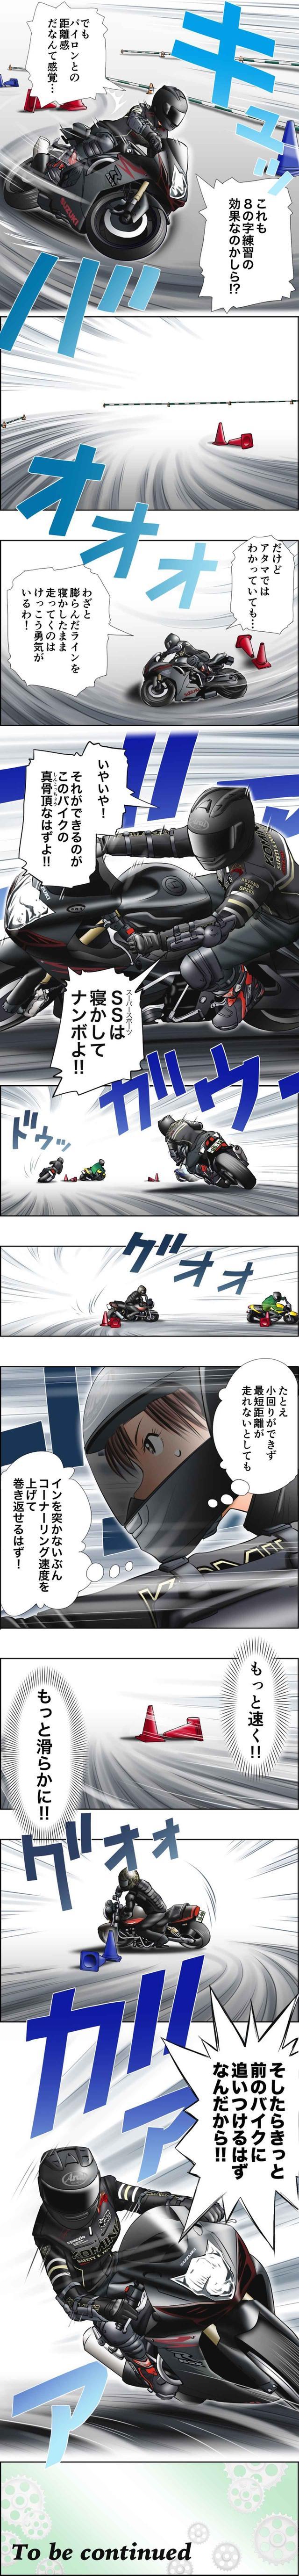 画像: Motoジム!(第15話:もっと速く! もっと滑らかに!) 作・ばどみゅーみん - Webオートバイ